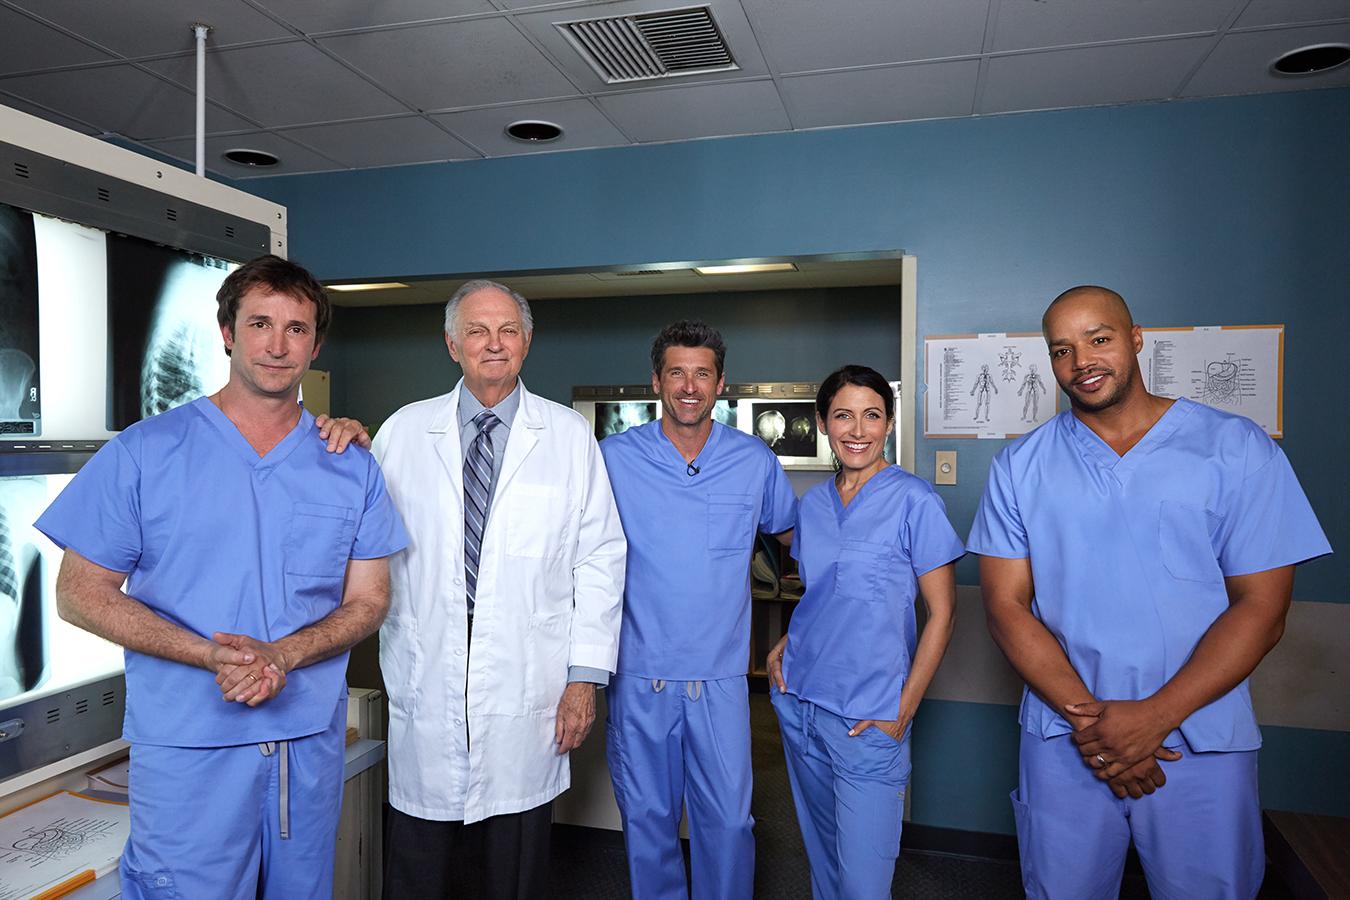 Un anuncio une a los médicos de las series de televisión: Anatomía ...